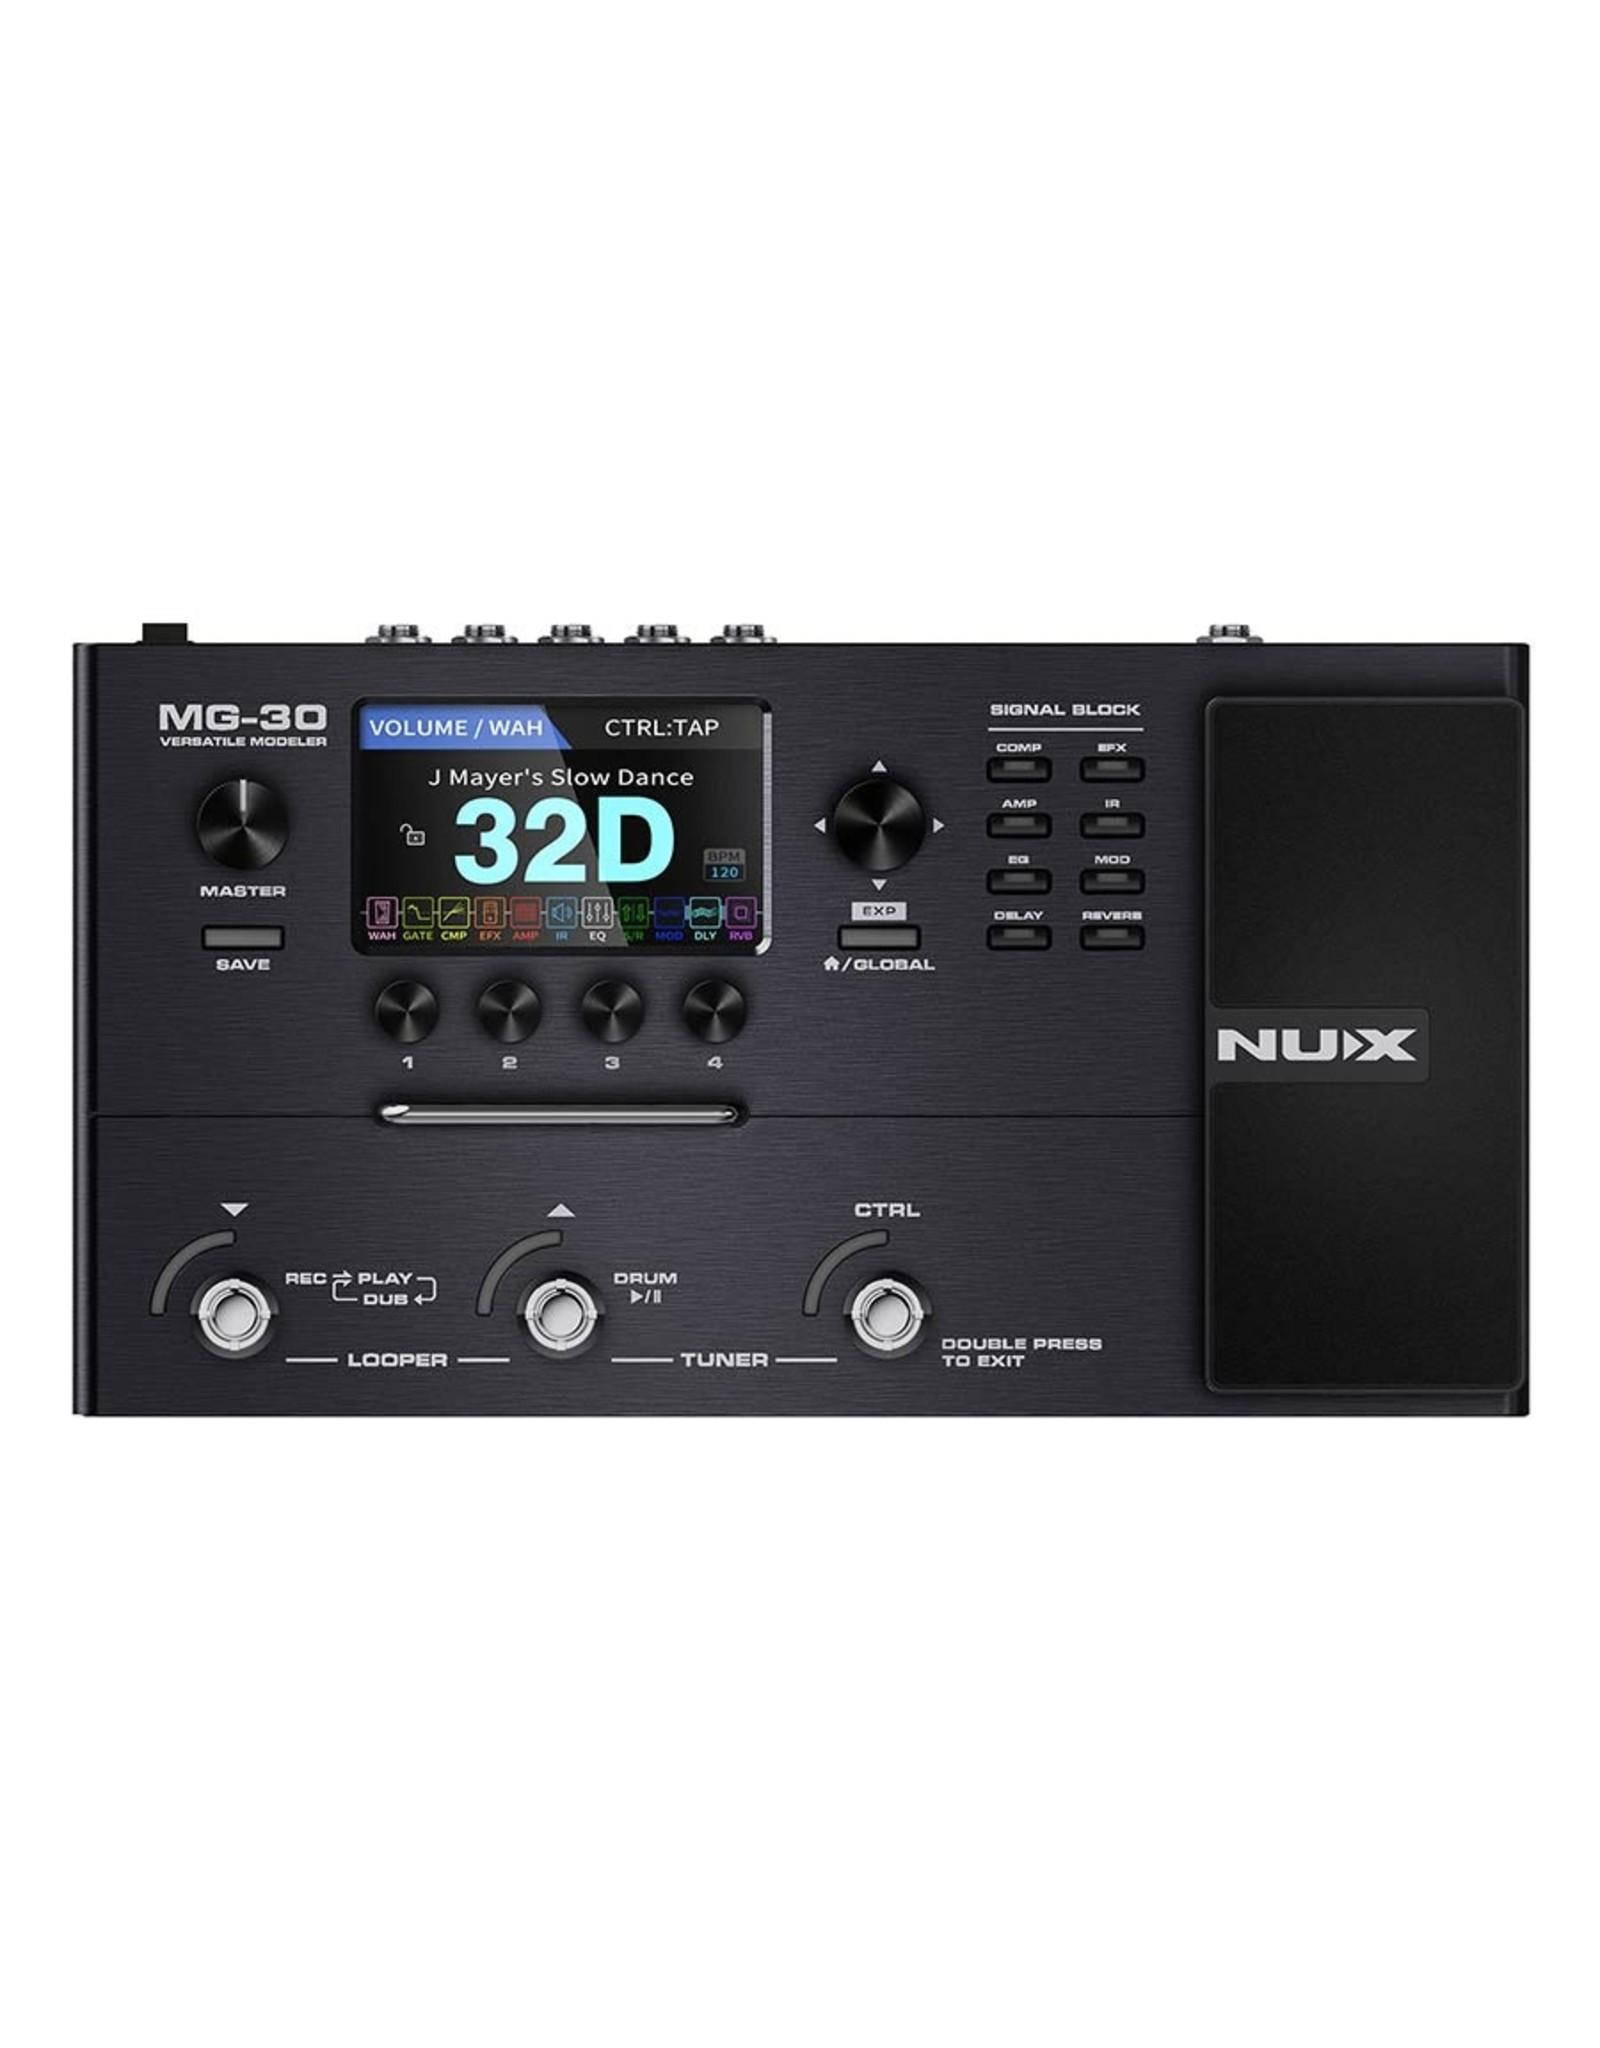 NUX Nux Mg-30 Multi effect